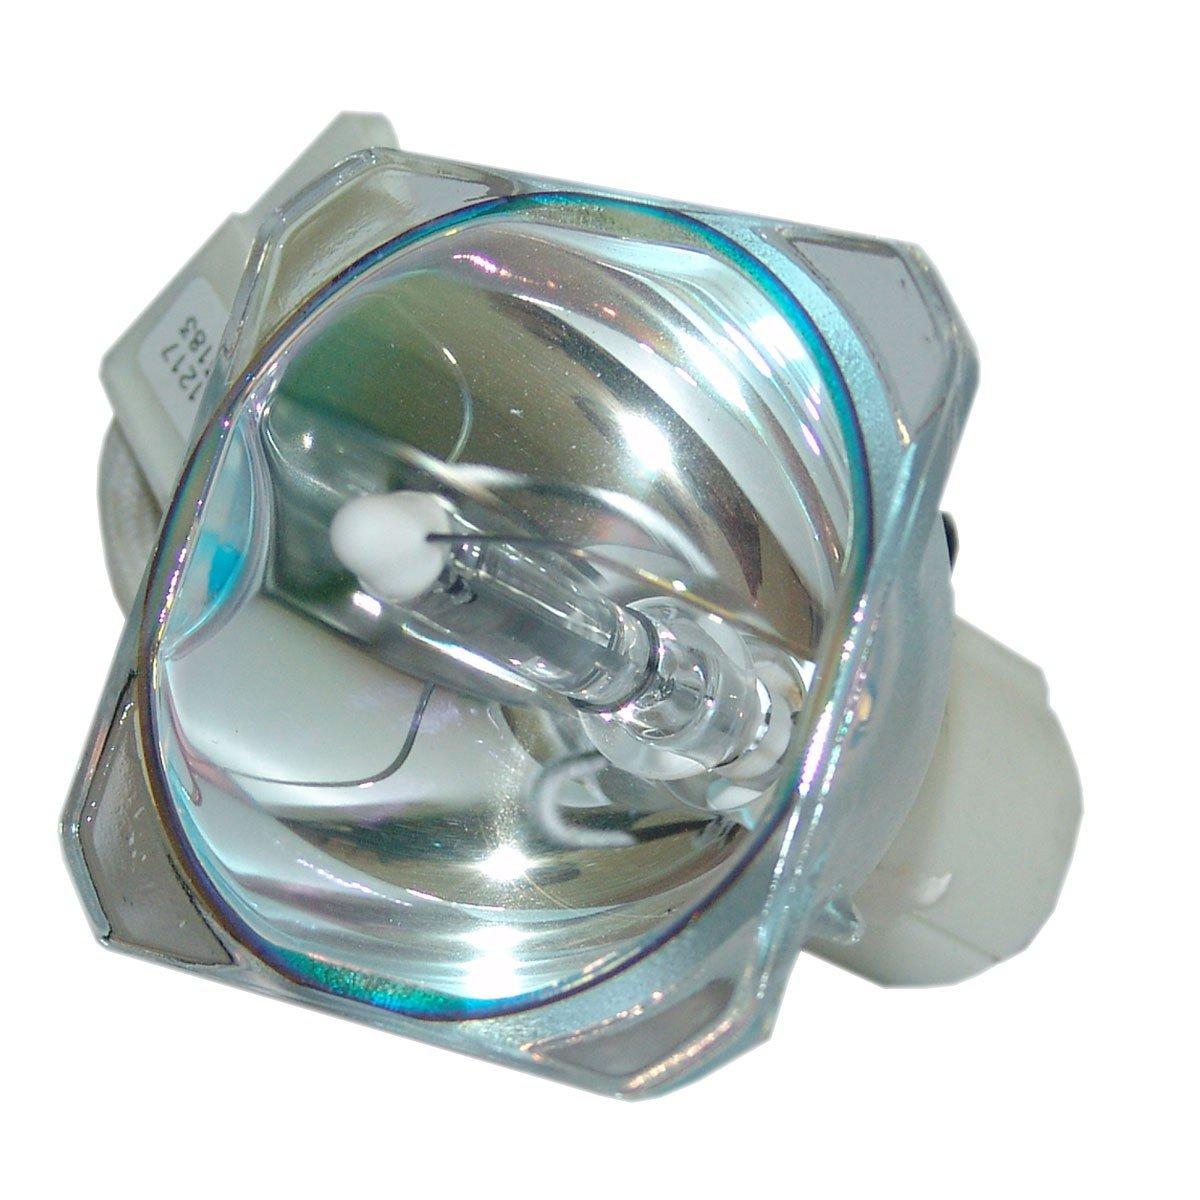 LG AJ-LBX2C 180W lámpara de proyección: Amazon.es: Electrónica